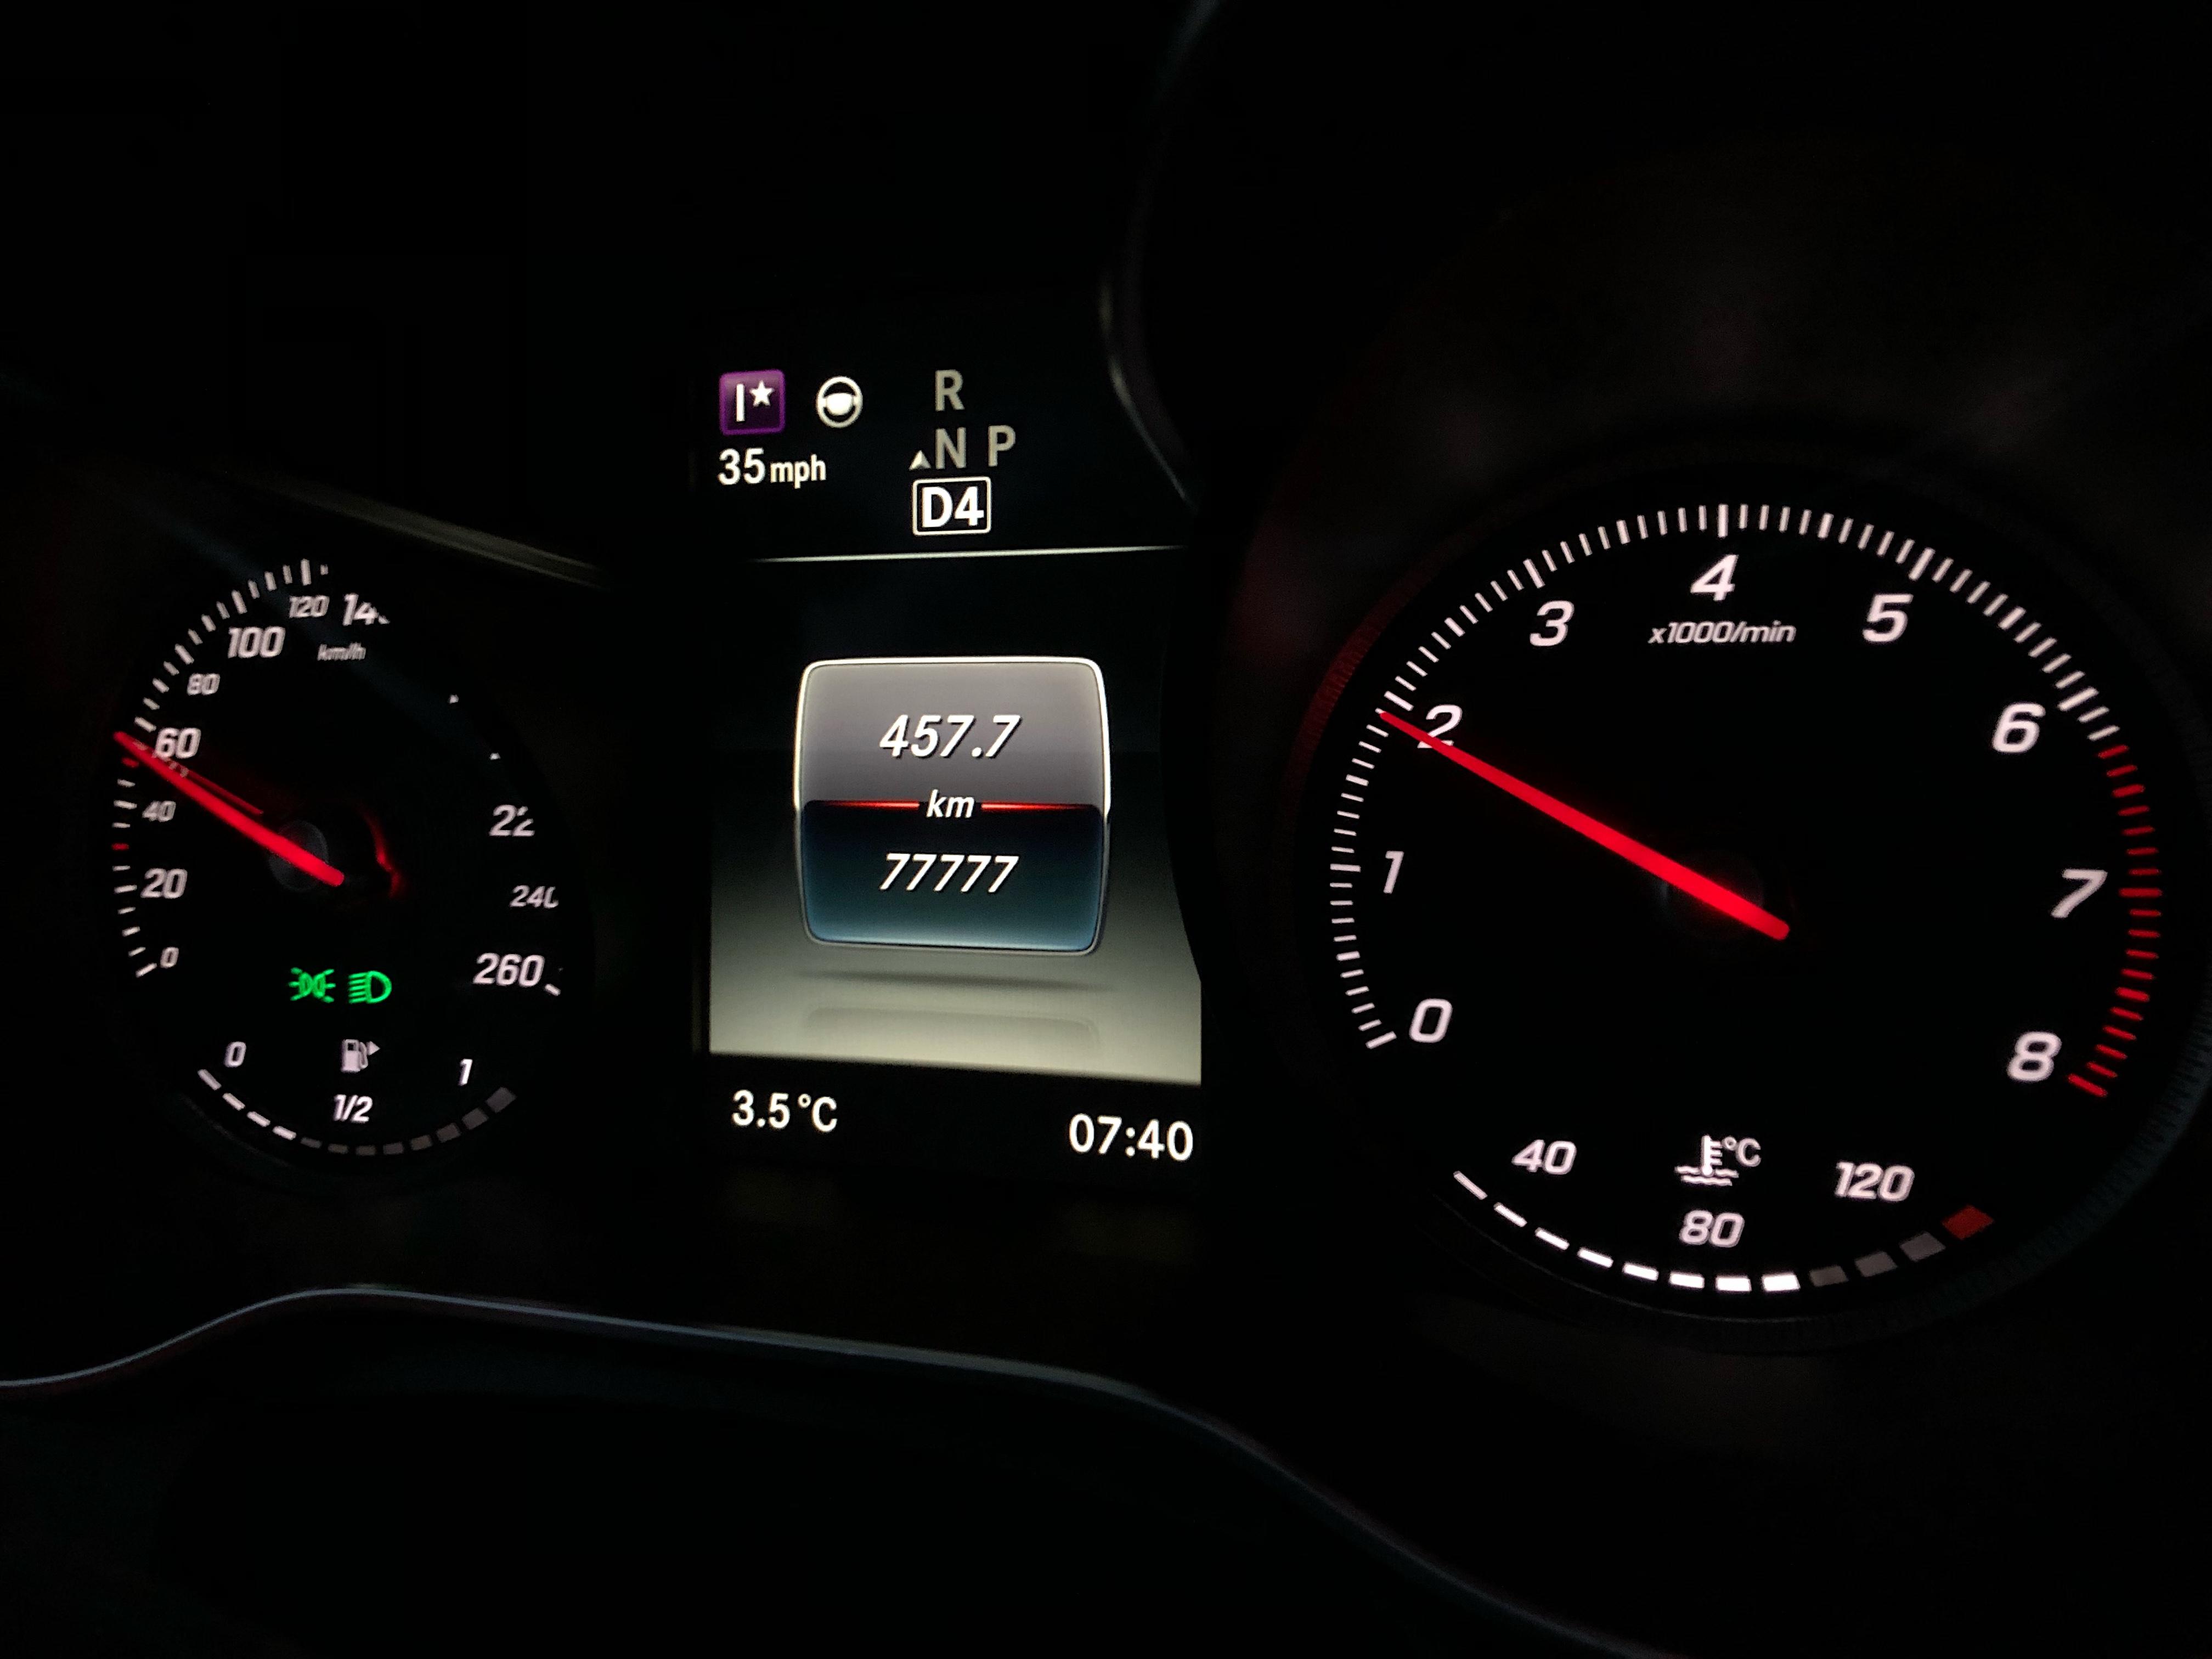 Drei Jahre Und 77 777 Km Mit Dem Blackbird W205 Funfkommasechs De